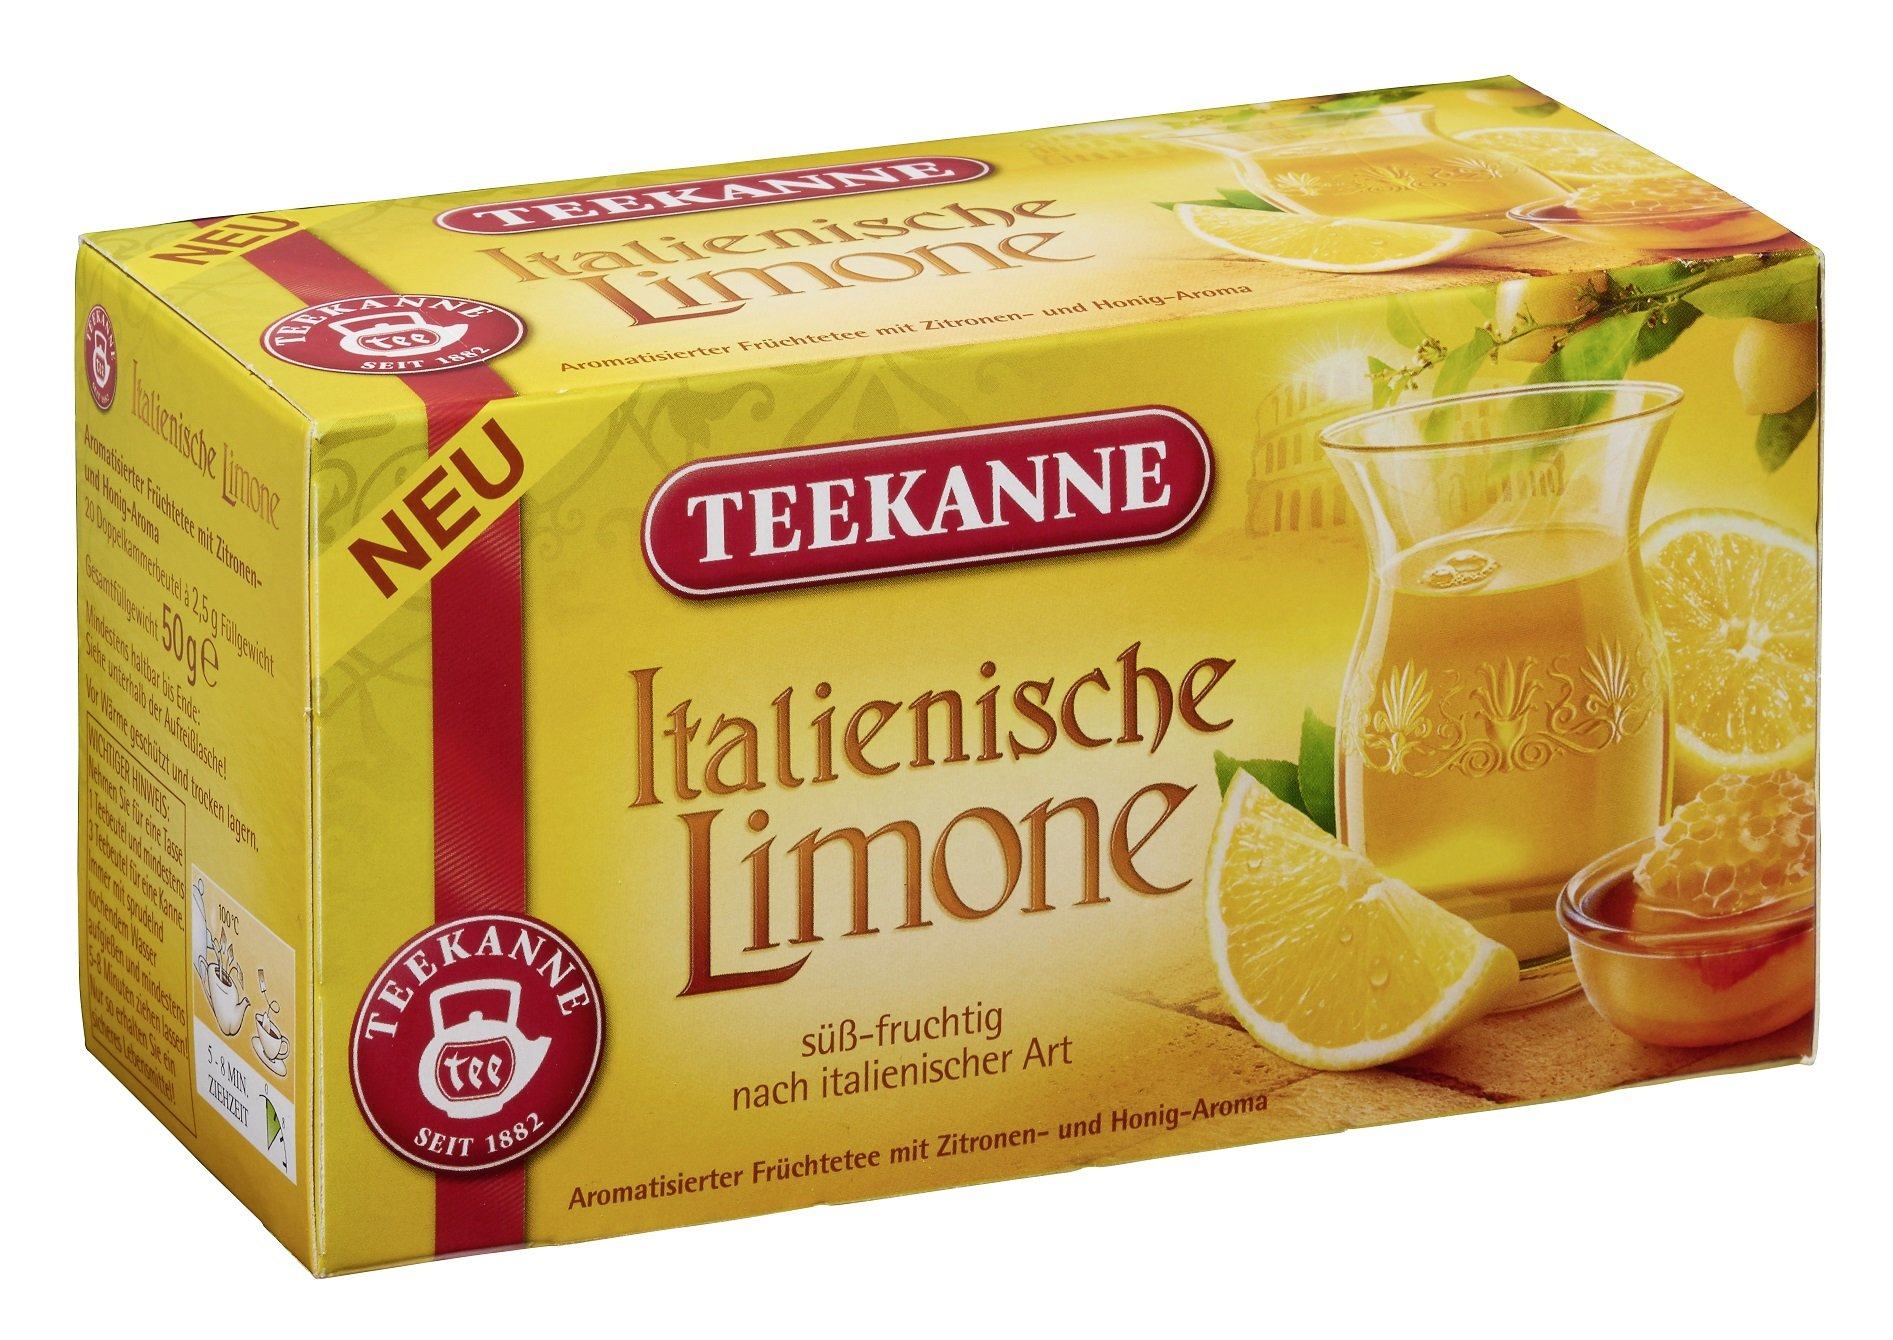 Teekanne-Lndertee-Italienische-Limone-3er-Pack-3-x-50g